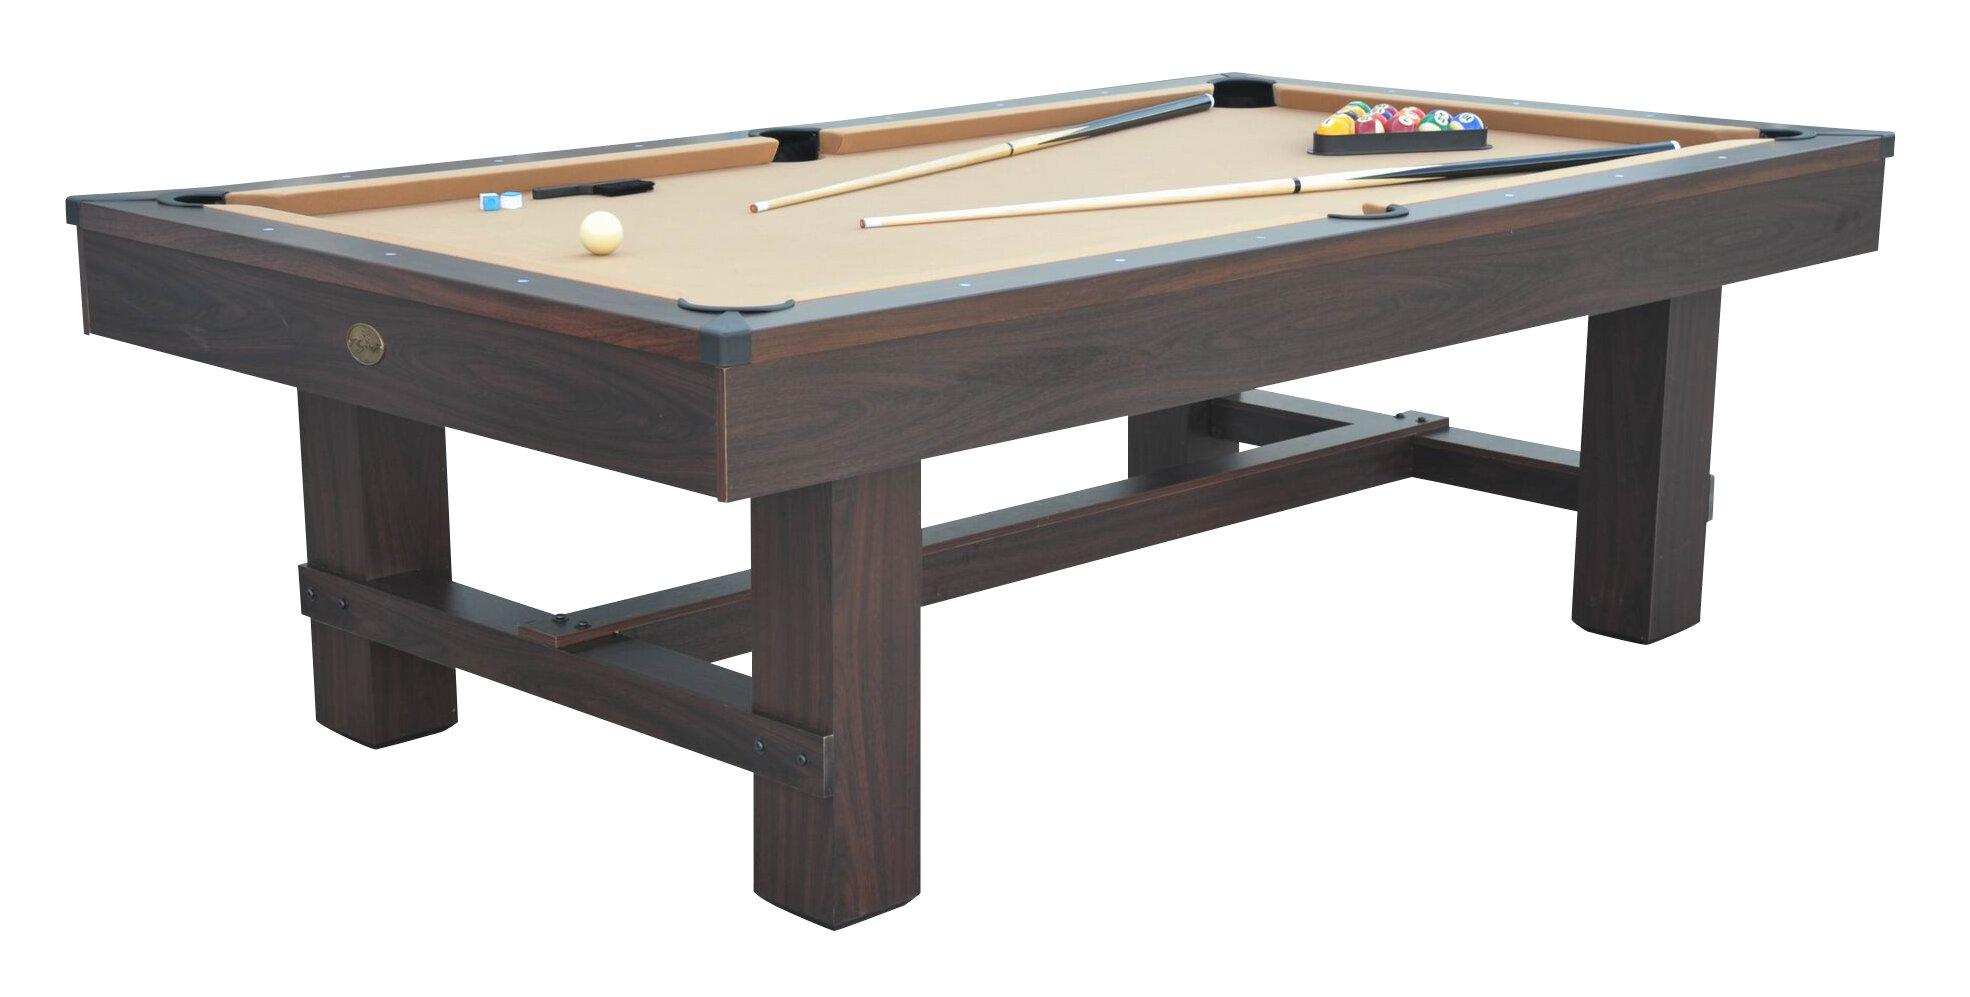 Playcraft Bryce 8u0027 Pool Table U0026 Reviews | Wayfair